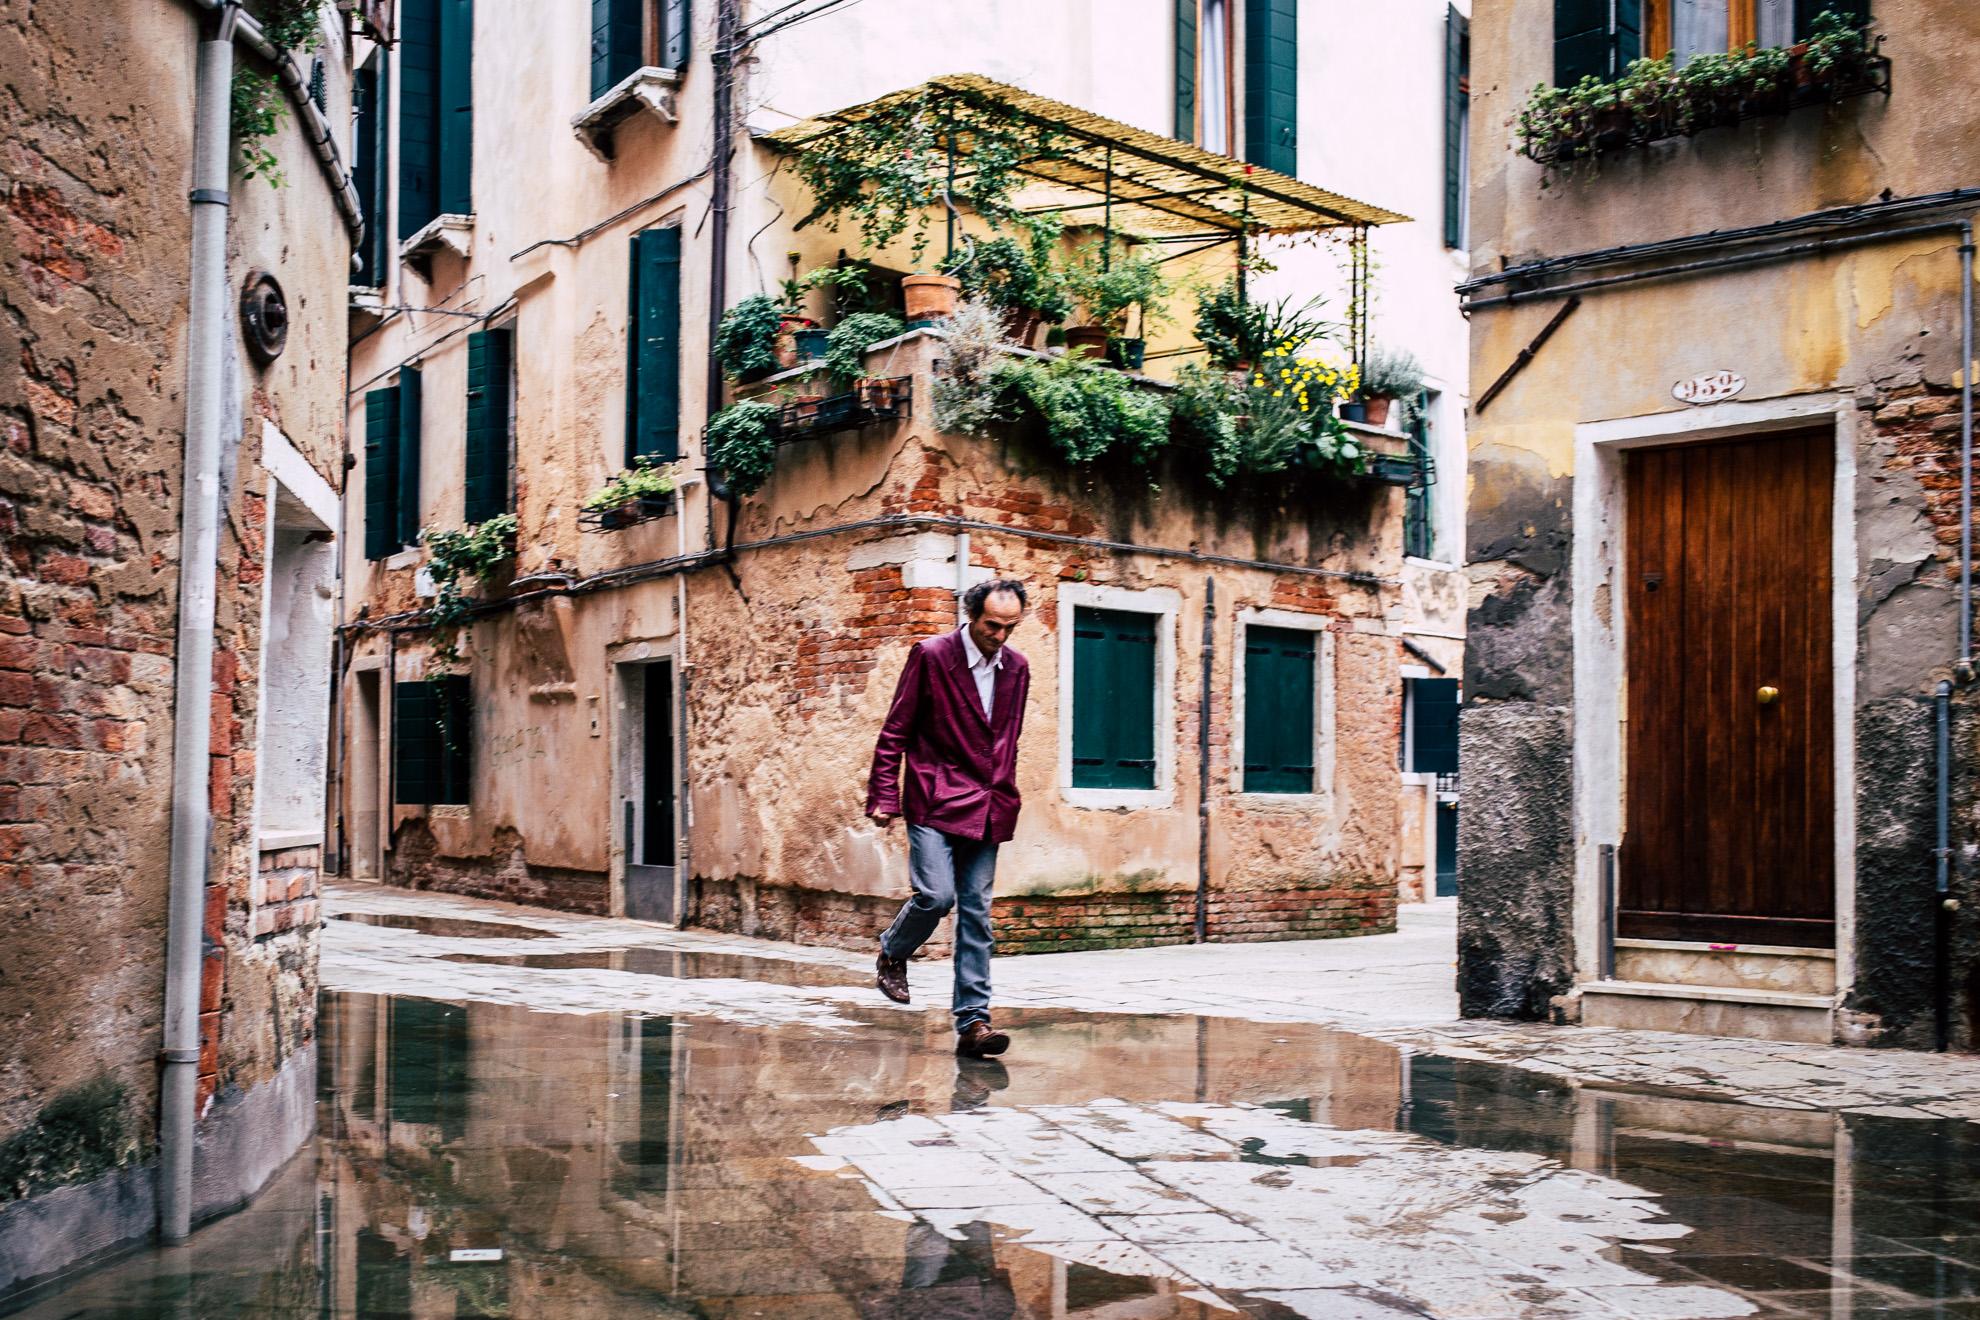 O Saillard Photographe - Venise 2018-009.jpg